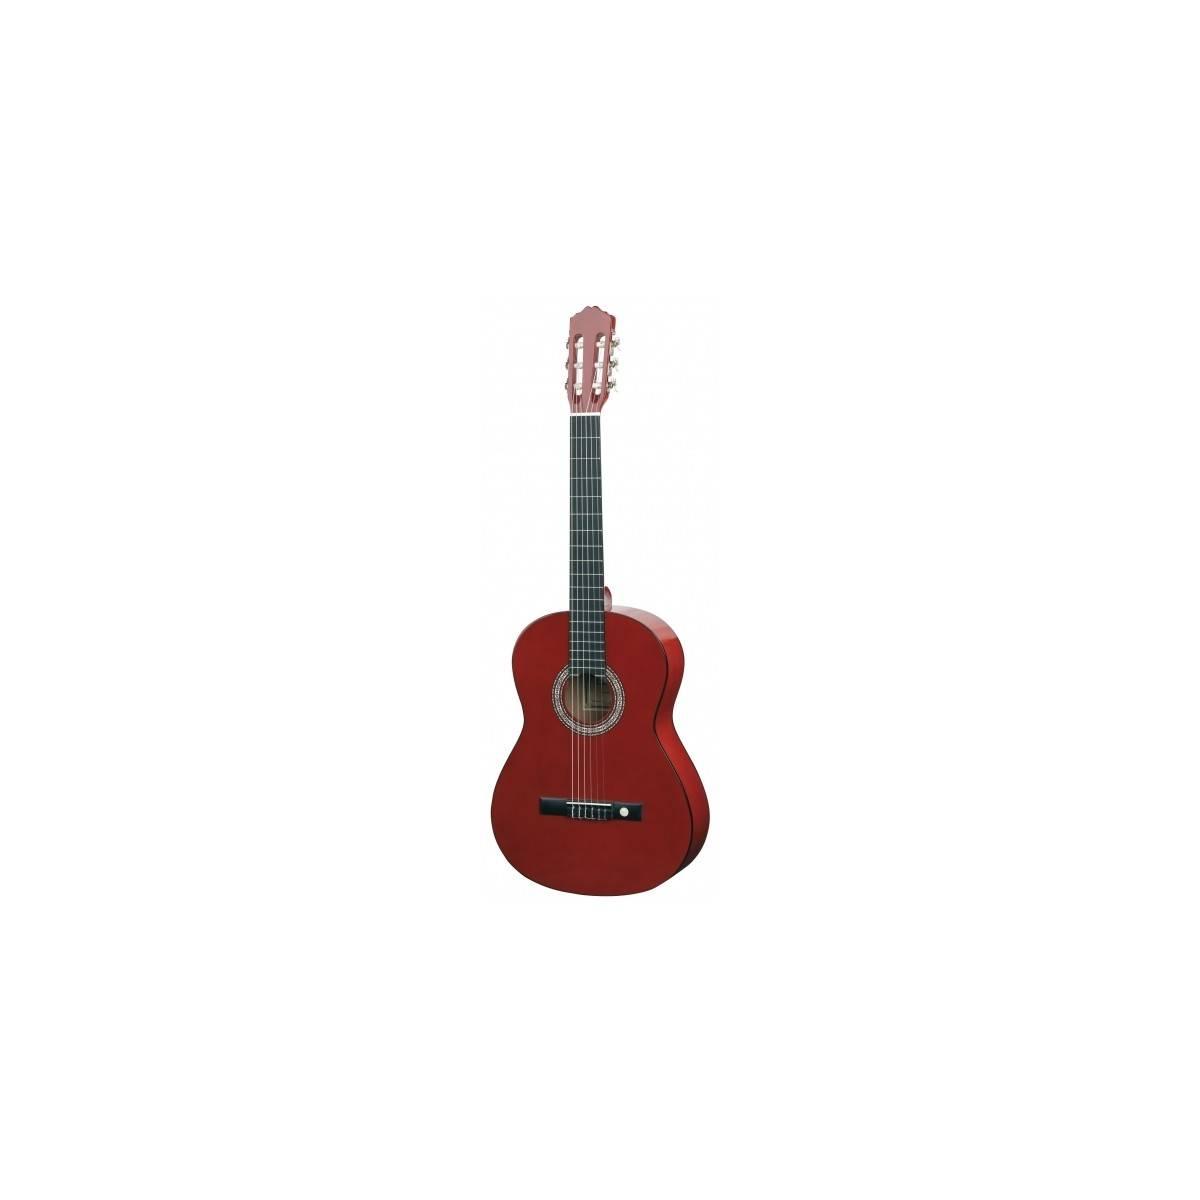 Guitare classique 1/2 rouge - Almeria Classic